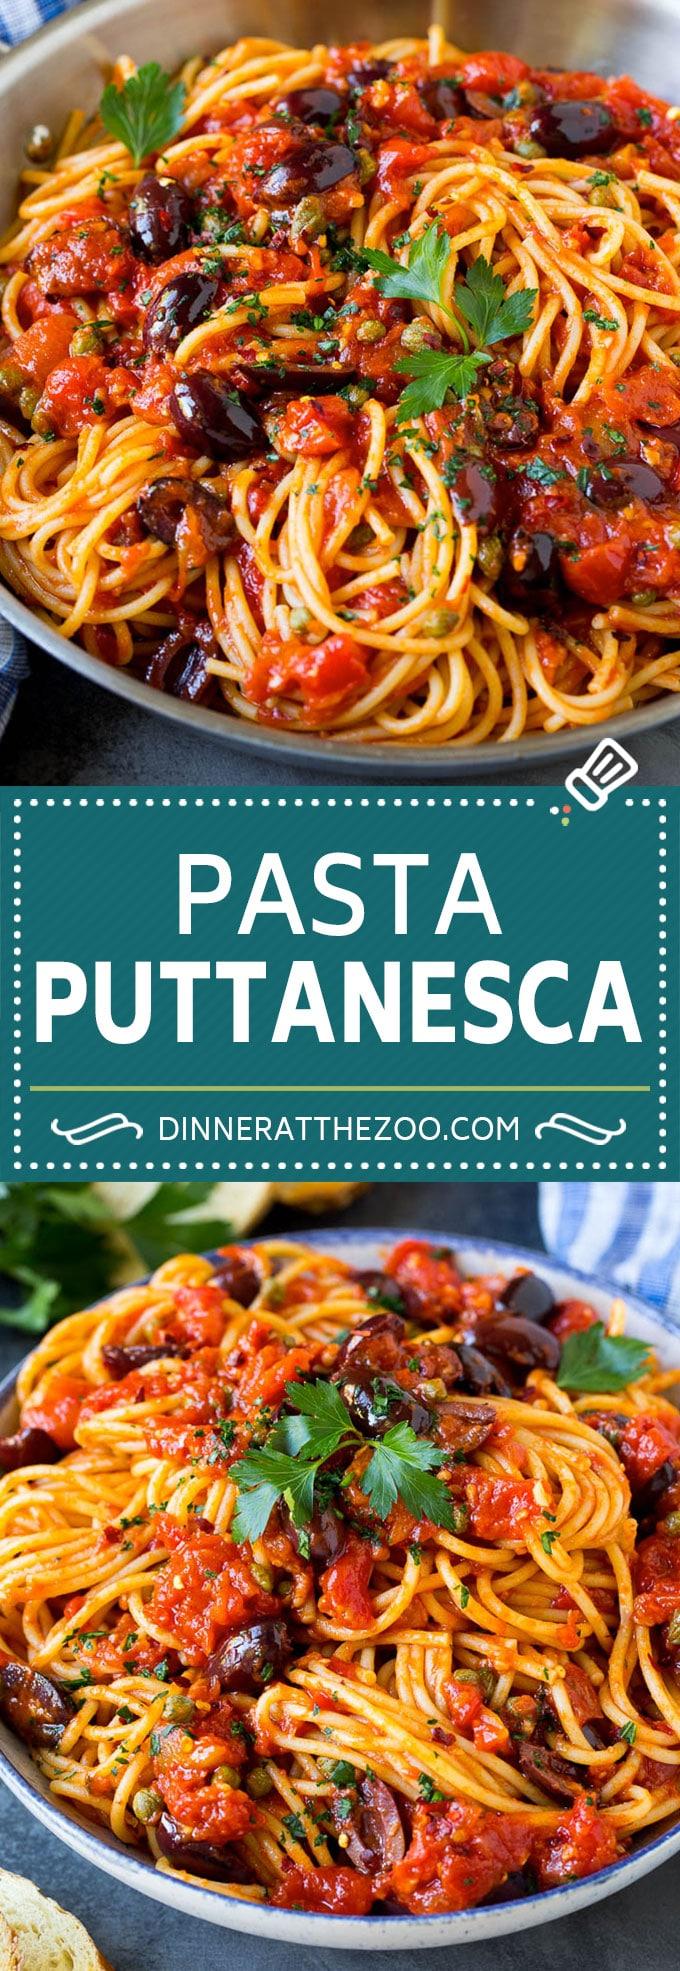 Pasta Puttanesca Recipe #pasta #tomatoes #olives #italianfood #dinner #dinneratthezoo